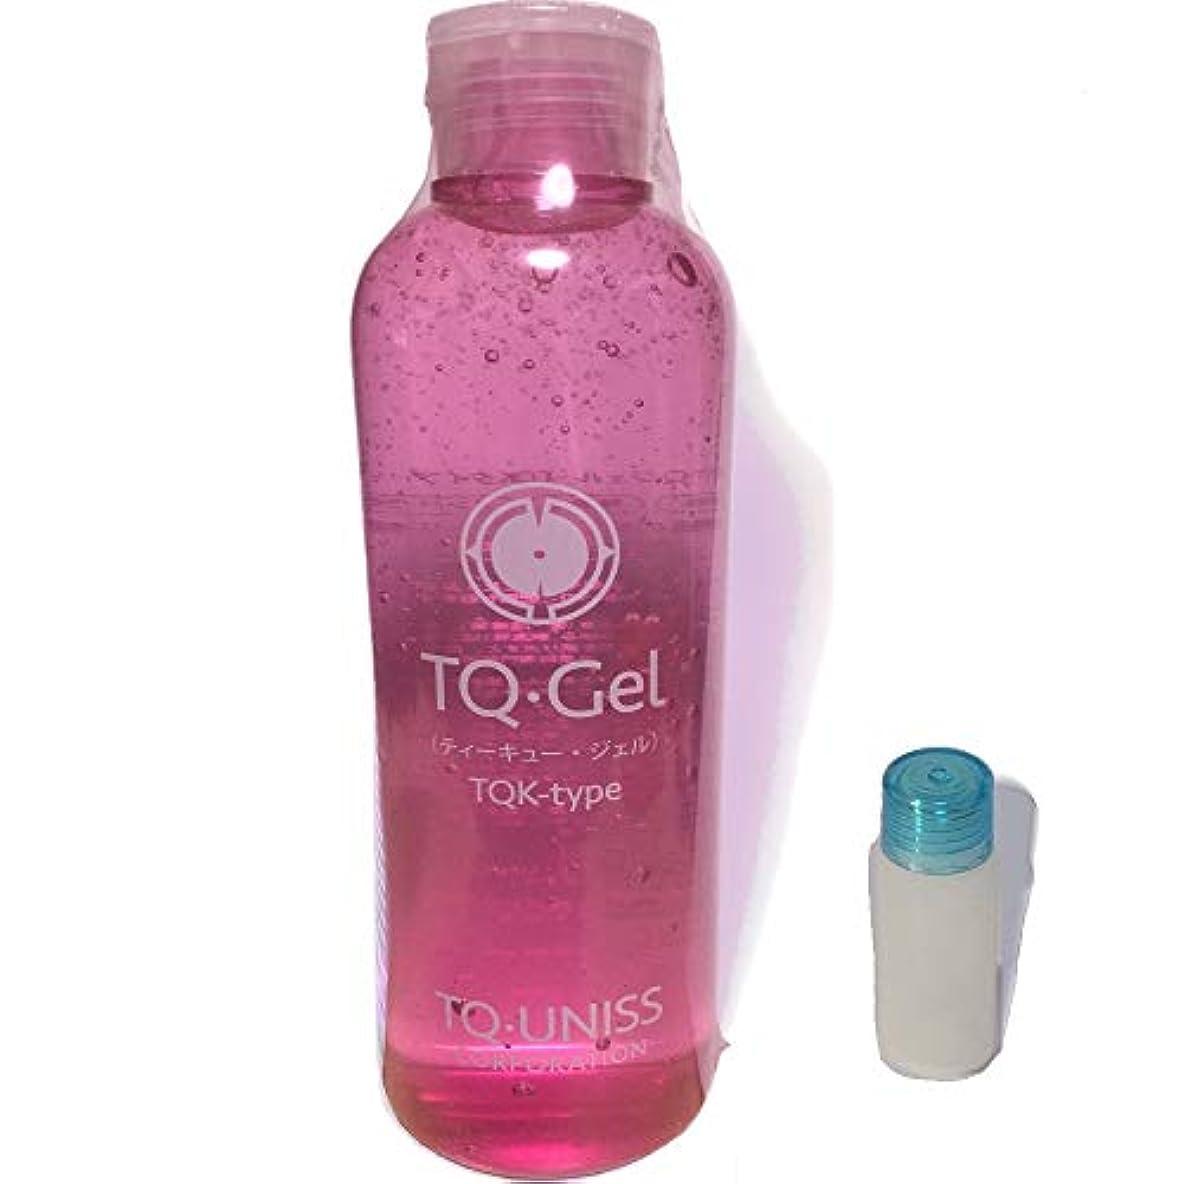 肯定的ノイズ取り囲むリーニューアル TQジェル ミニボトル5mlセット厳選された自然由来の保湿成分プラス20のエネルギー [300ml] ピンクボトル